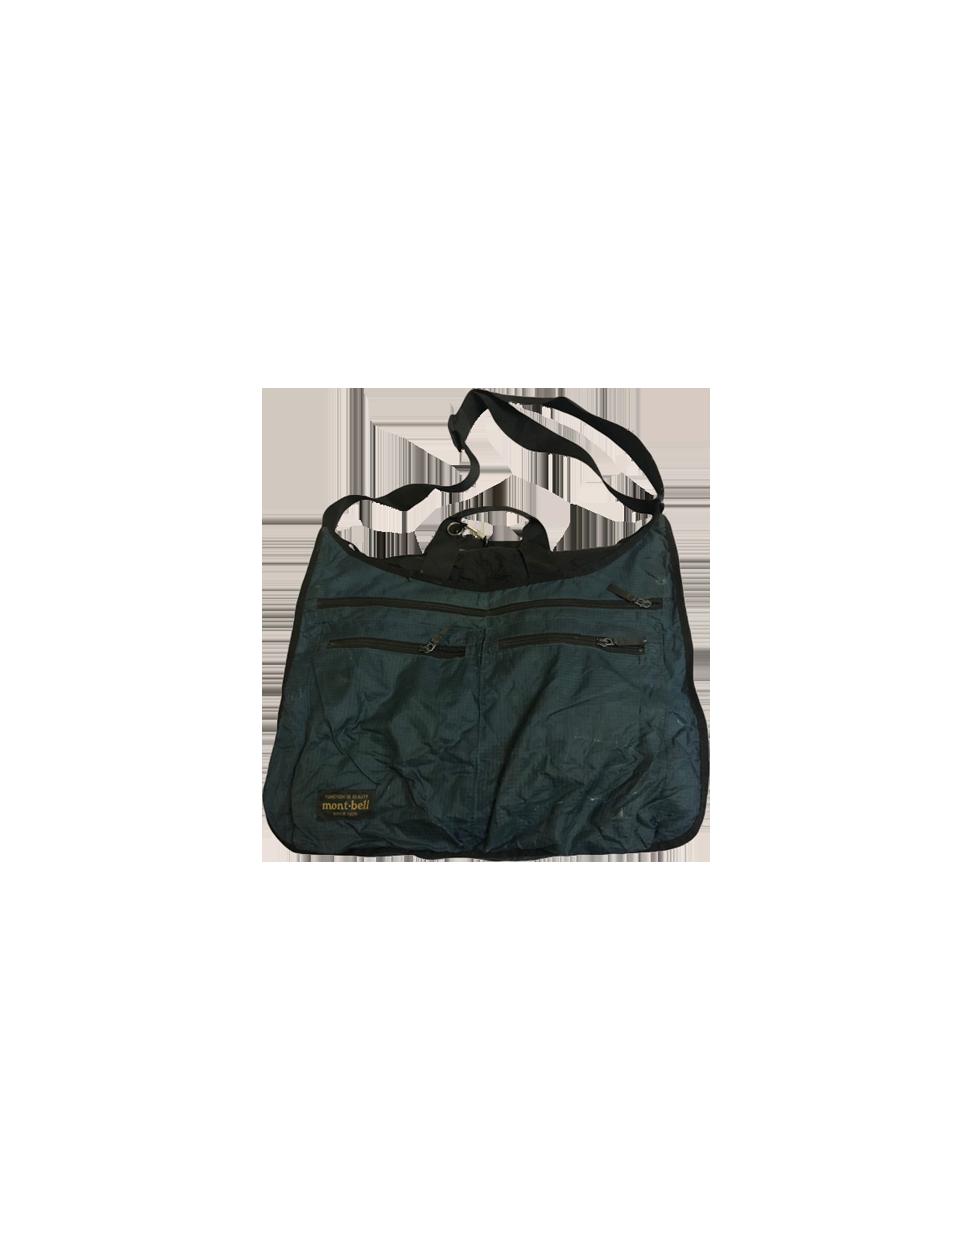 montbell-vintage-sling-bag